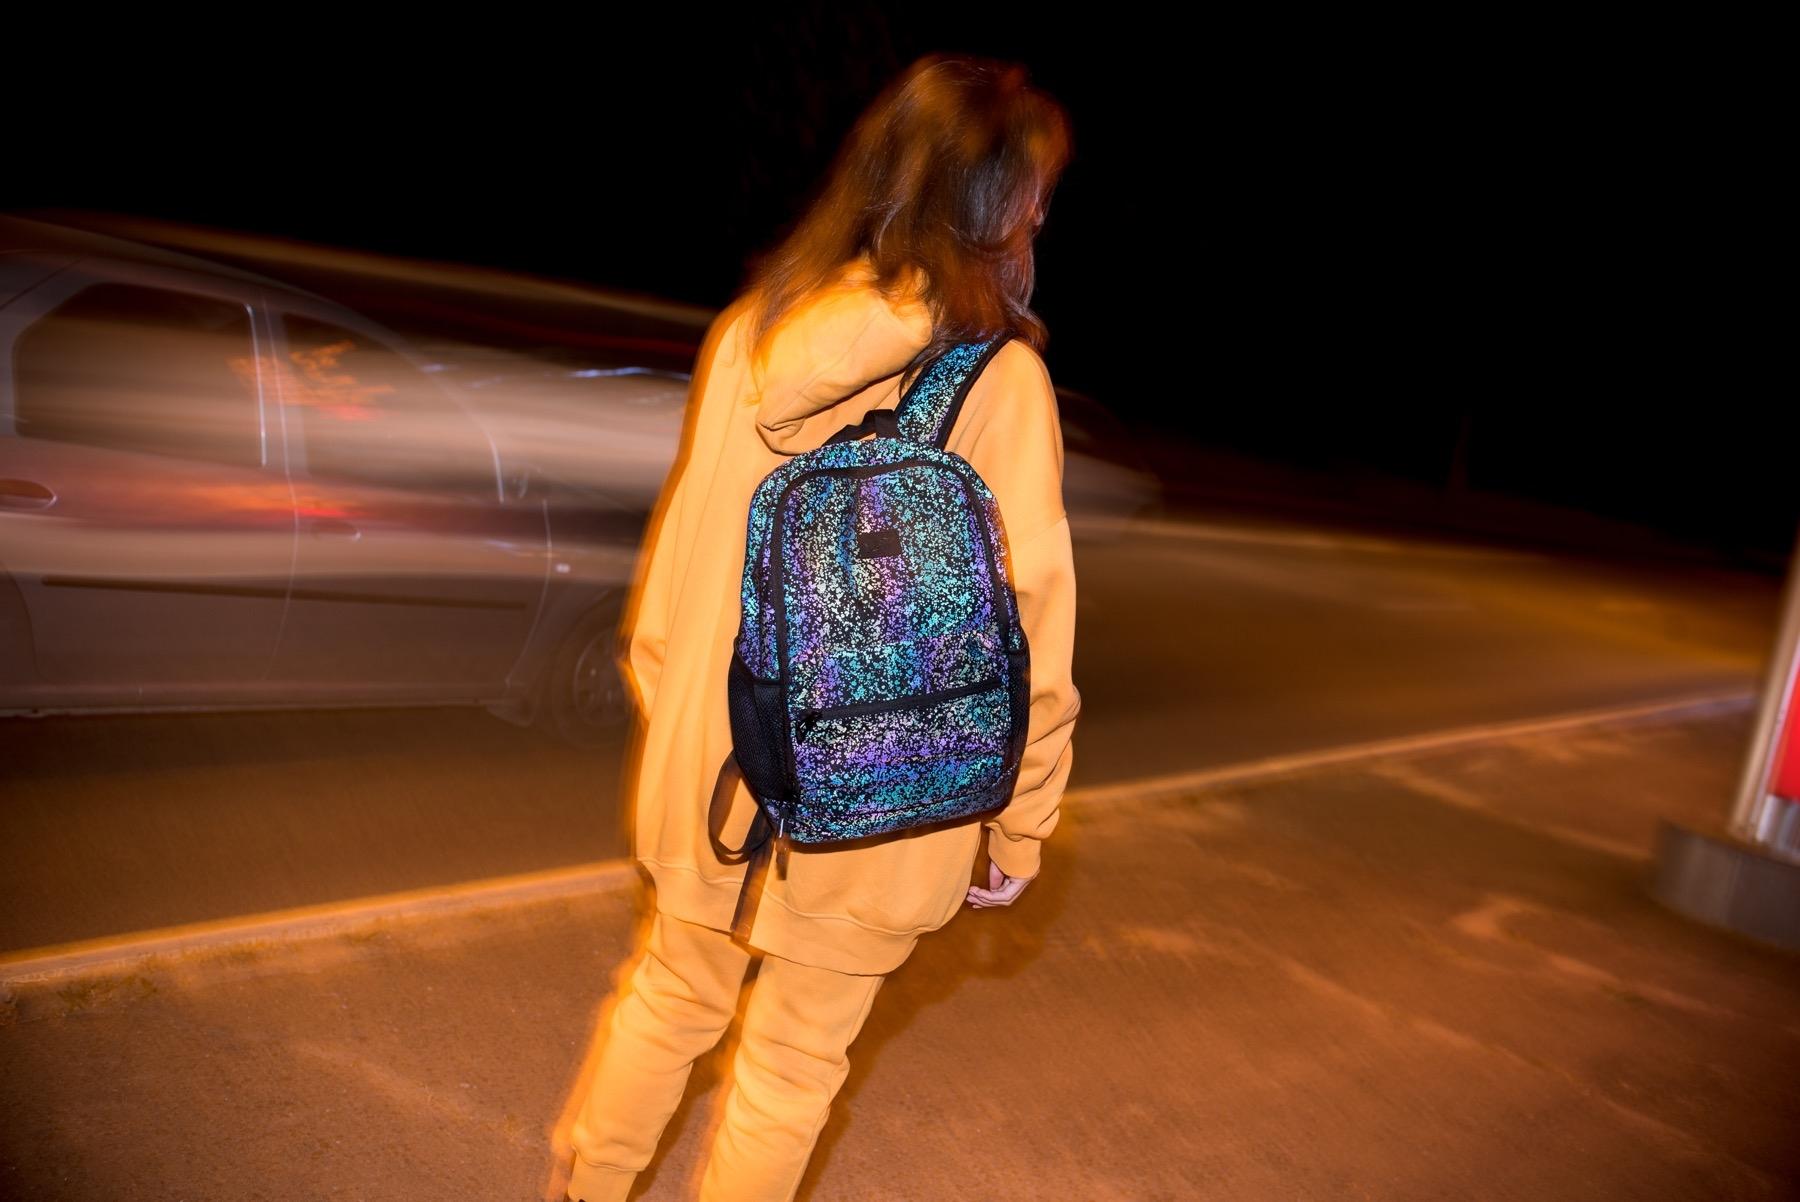 Светоотражающие рюкзаки: зачем они нужны и где их купить - фото №1